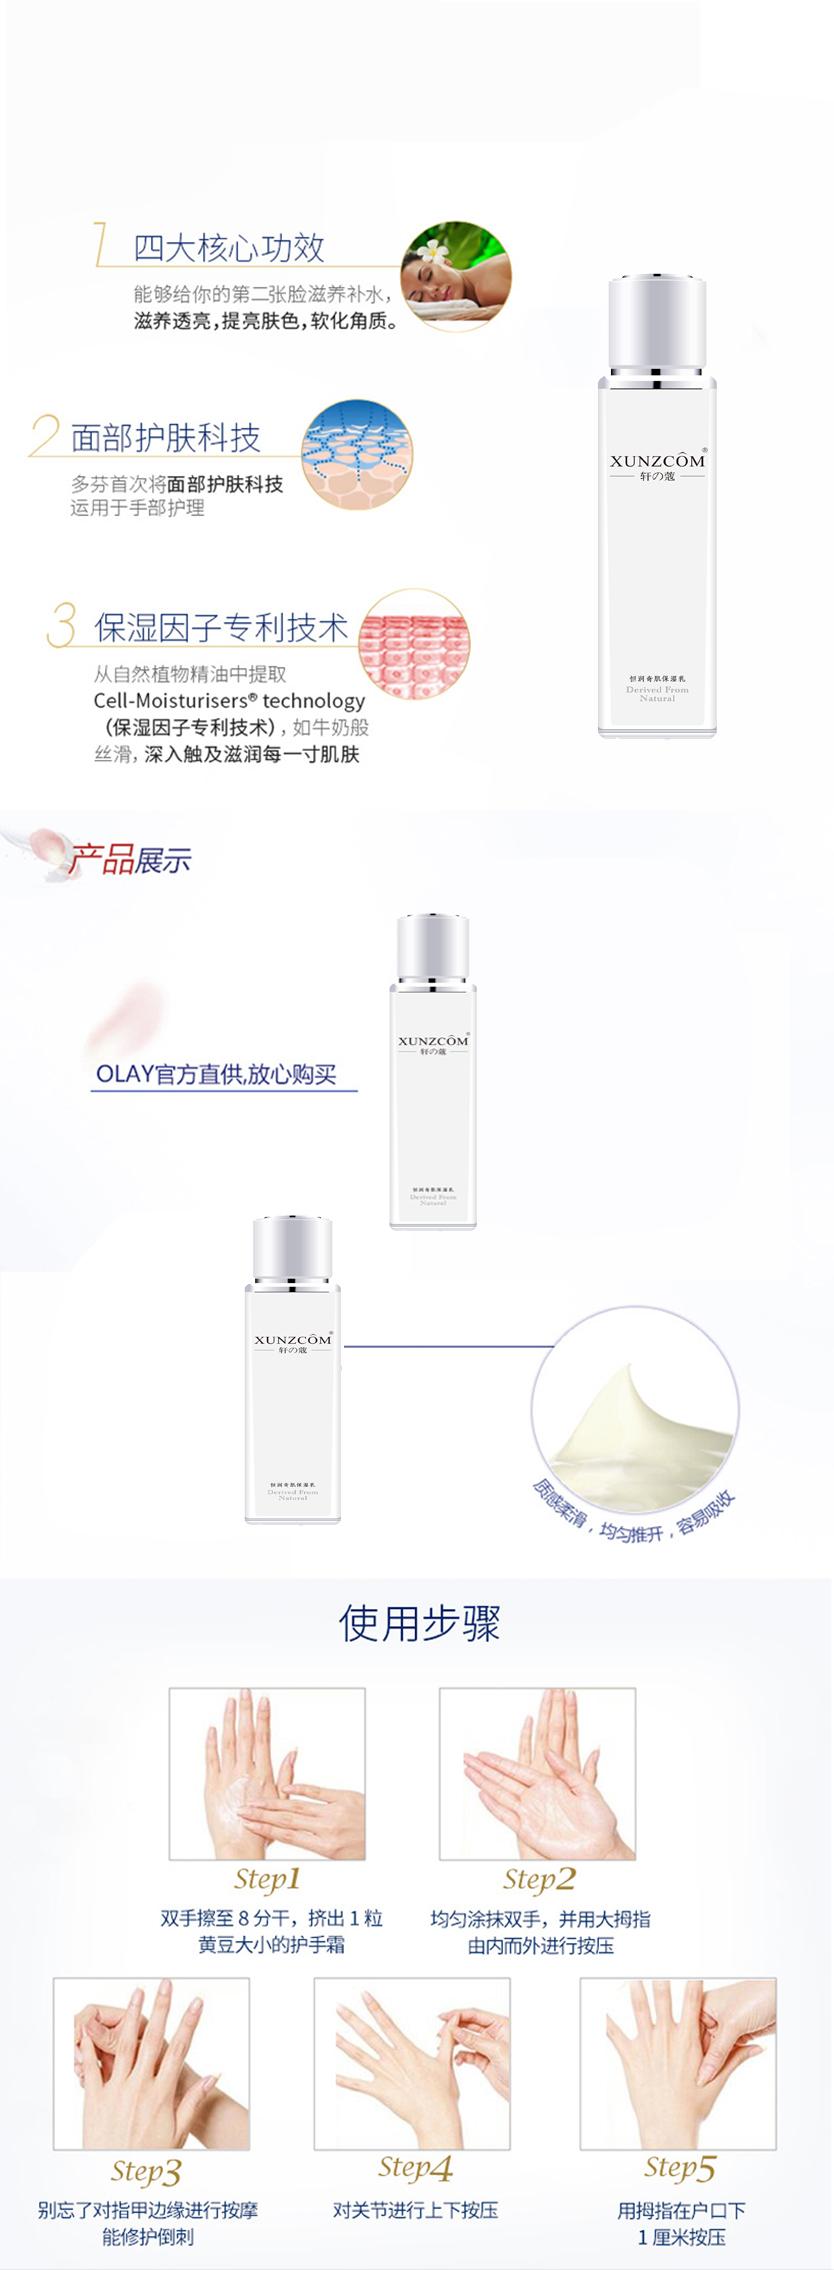 恒润奇肌保湿乳-欧泉生化